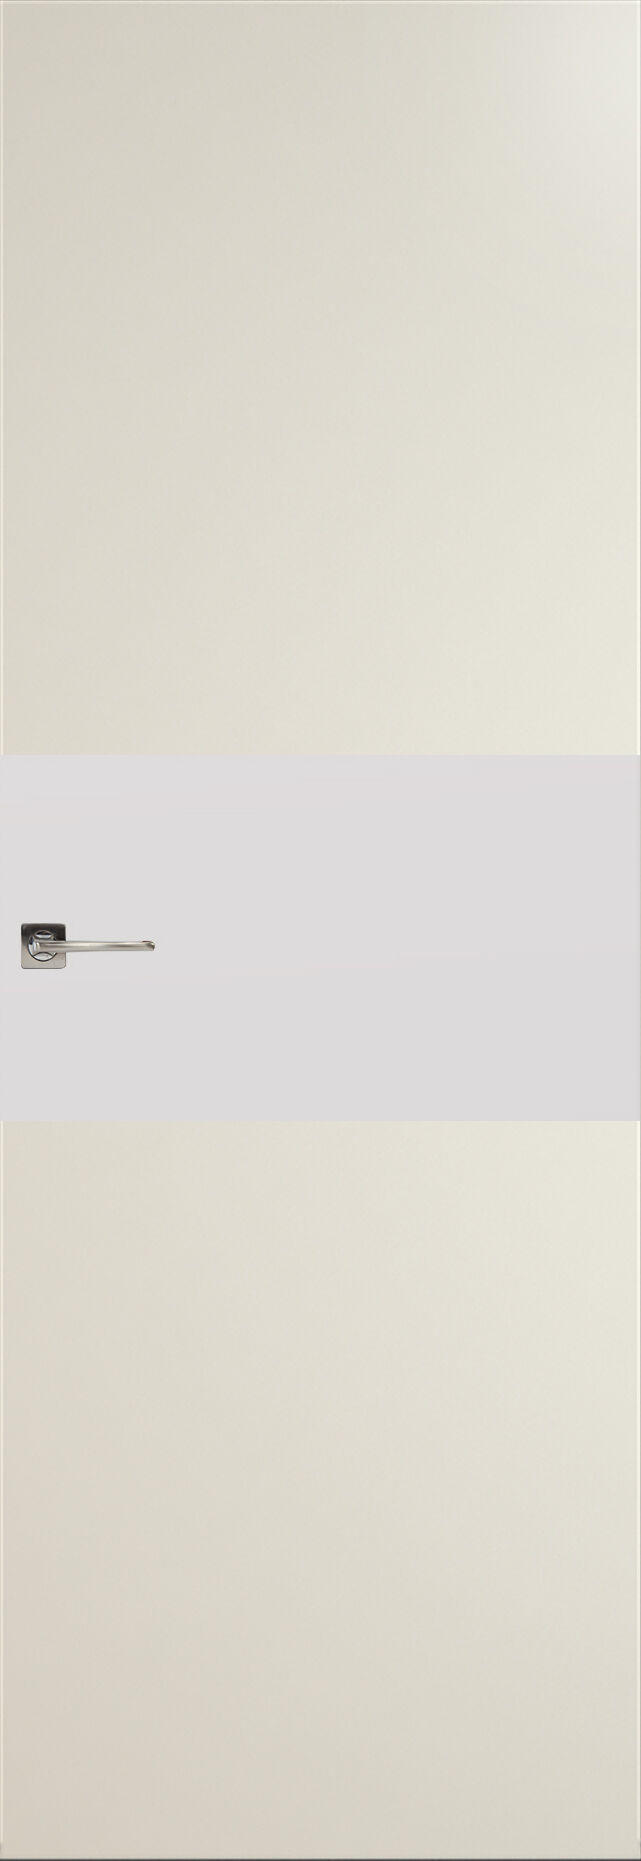 Tivoli Е-4 Невидимка цвет - Жемчужная эмаль Без стекла (ДГ)